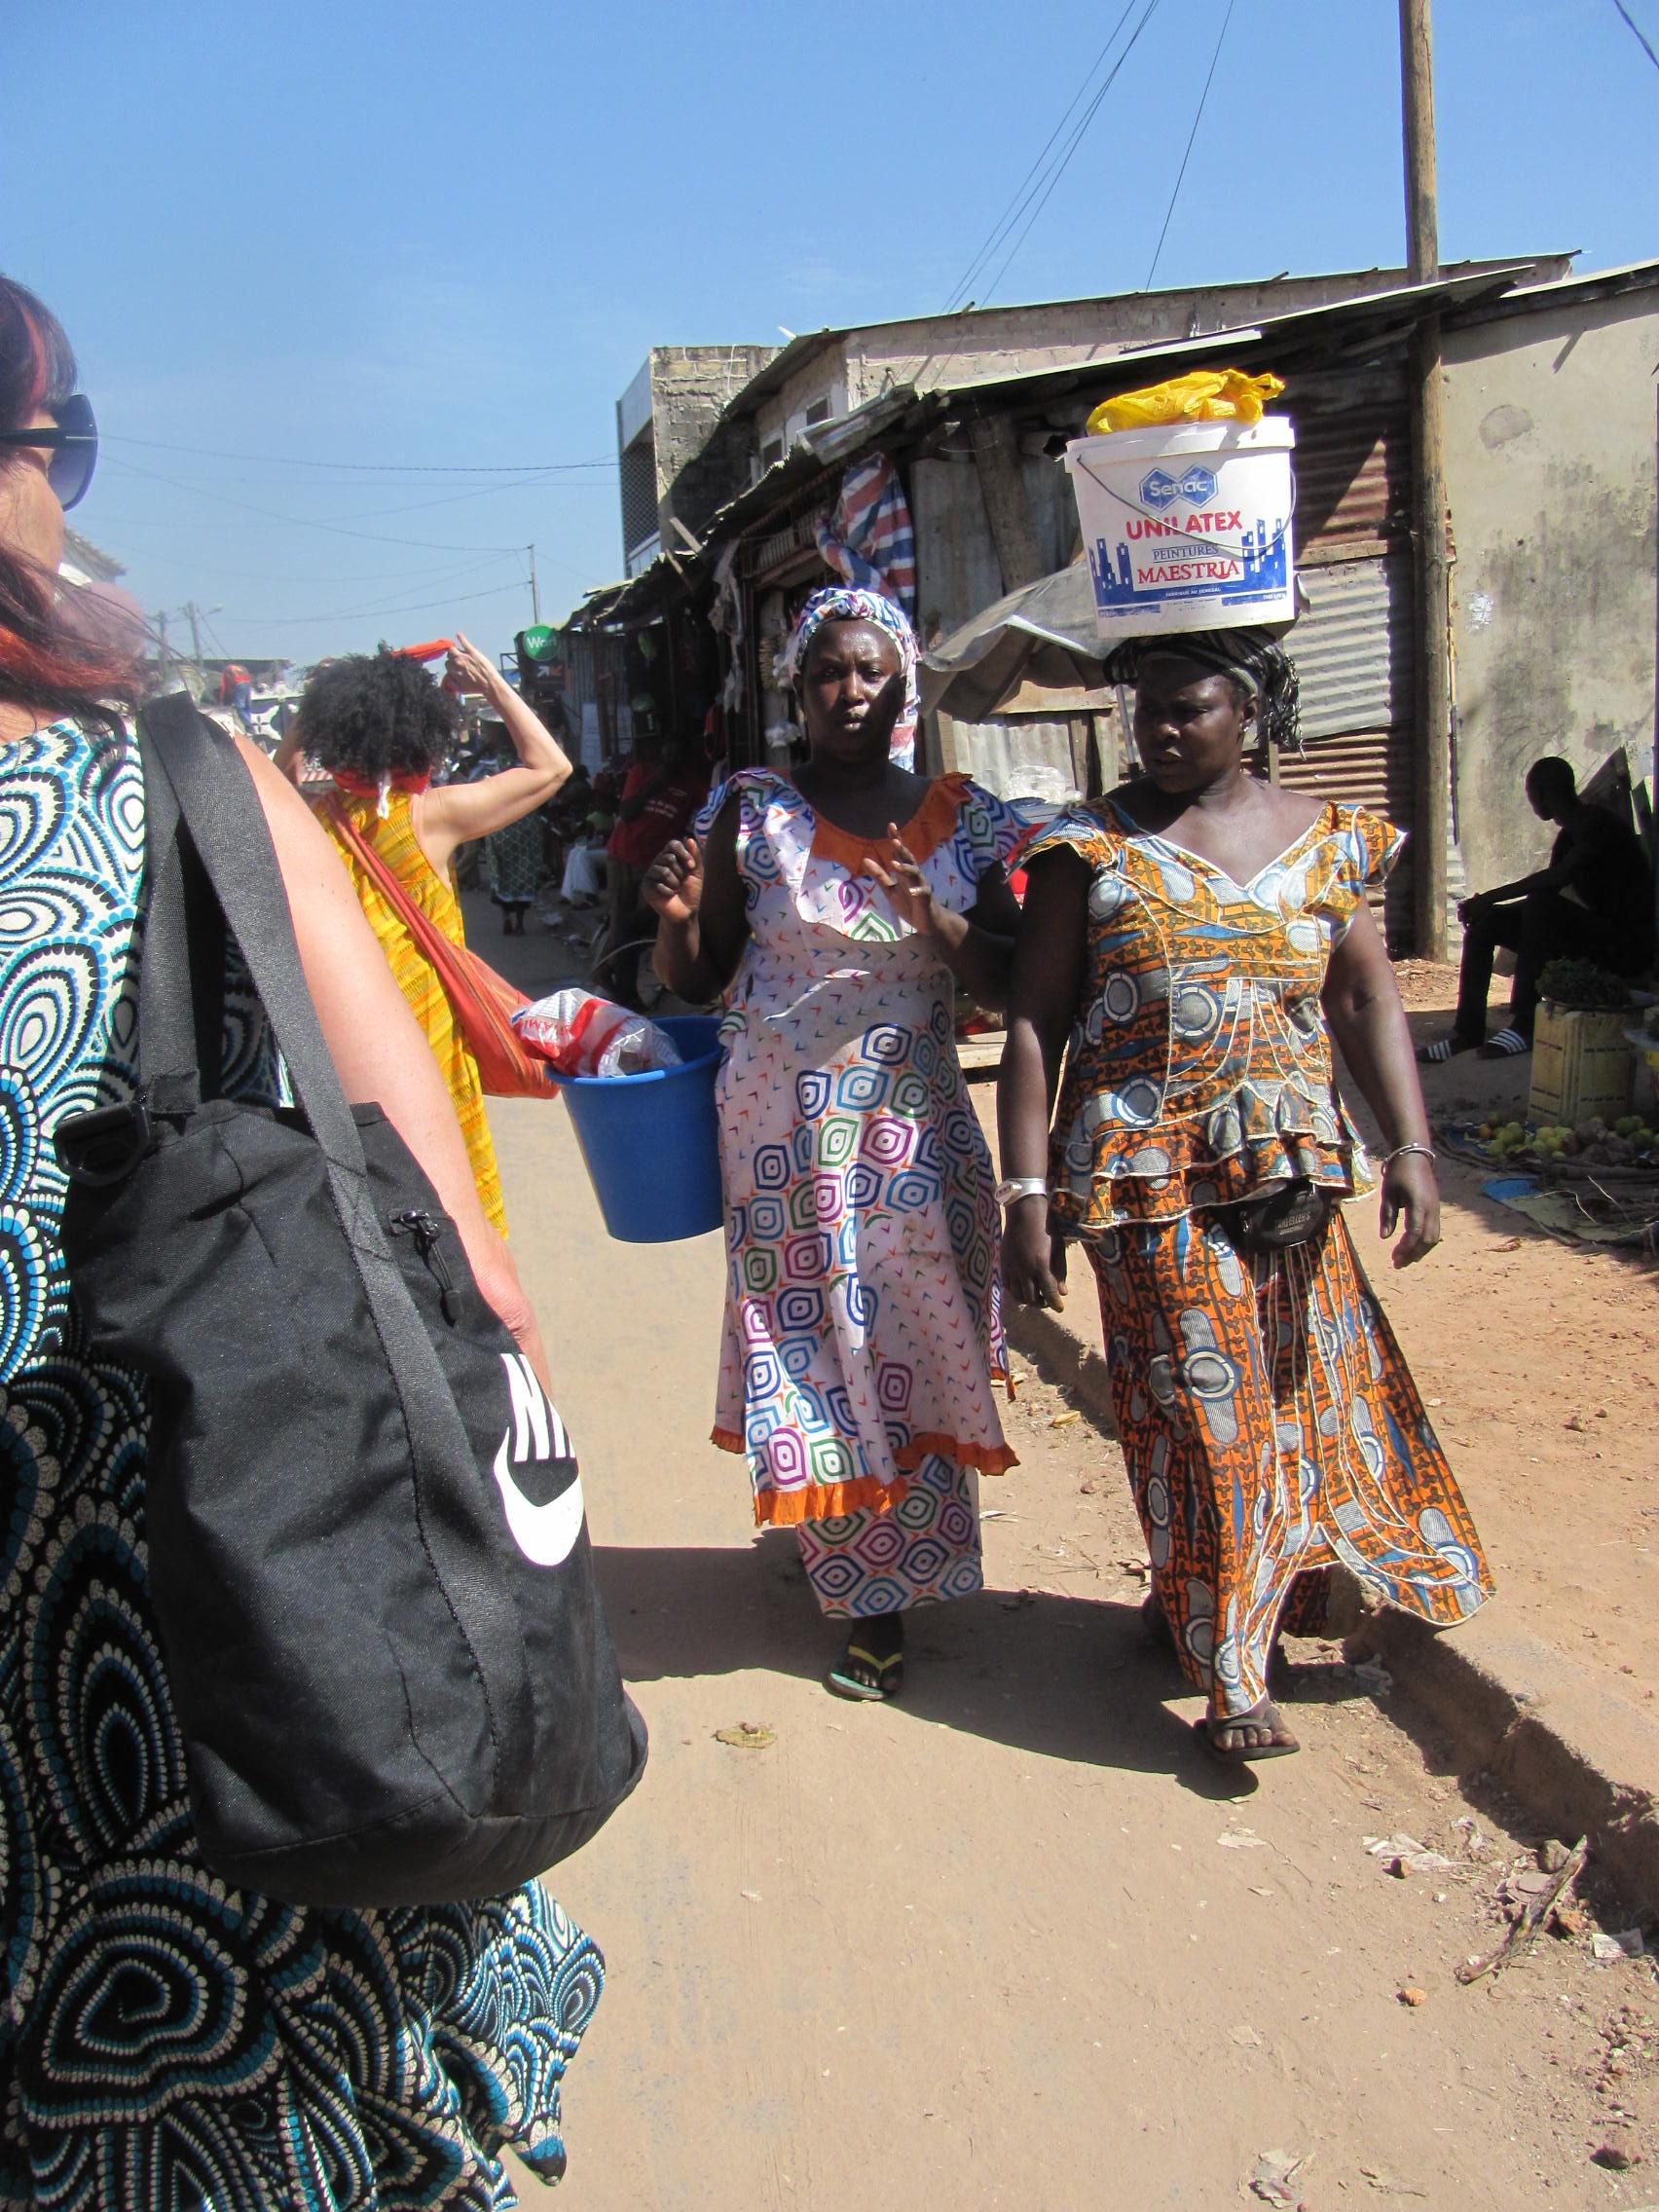 5. Islám po Senegalsku versus křesťanství